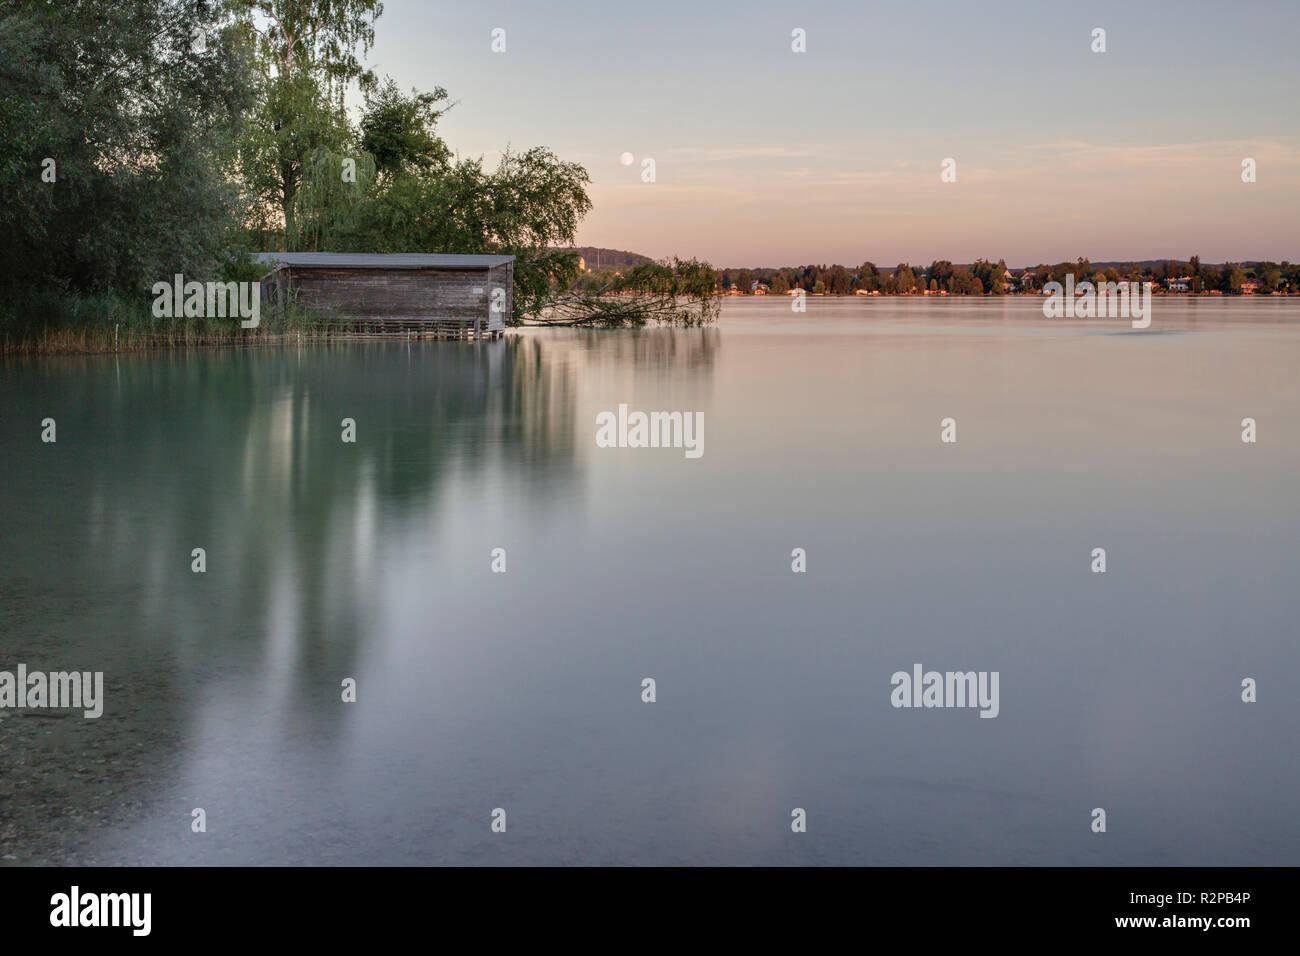 Una lunga esposizione di Wörthsee lago con barca casa al sorgere della luna (non ancora scuro) Immagini Stock